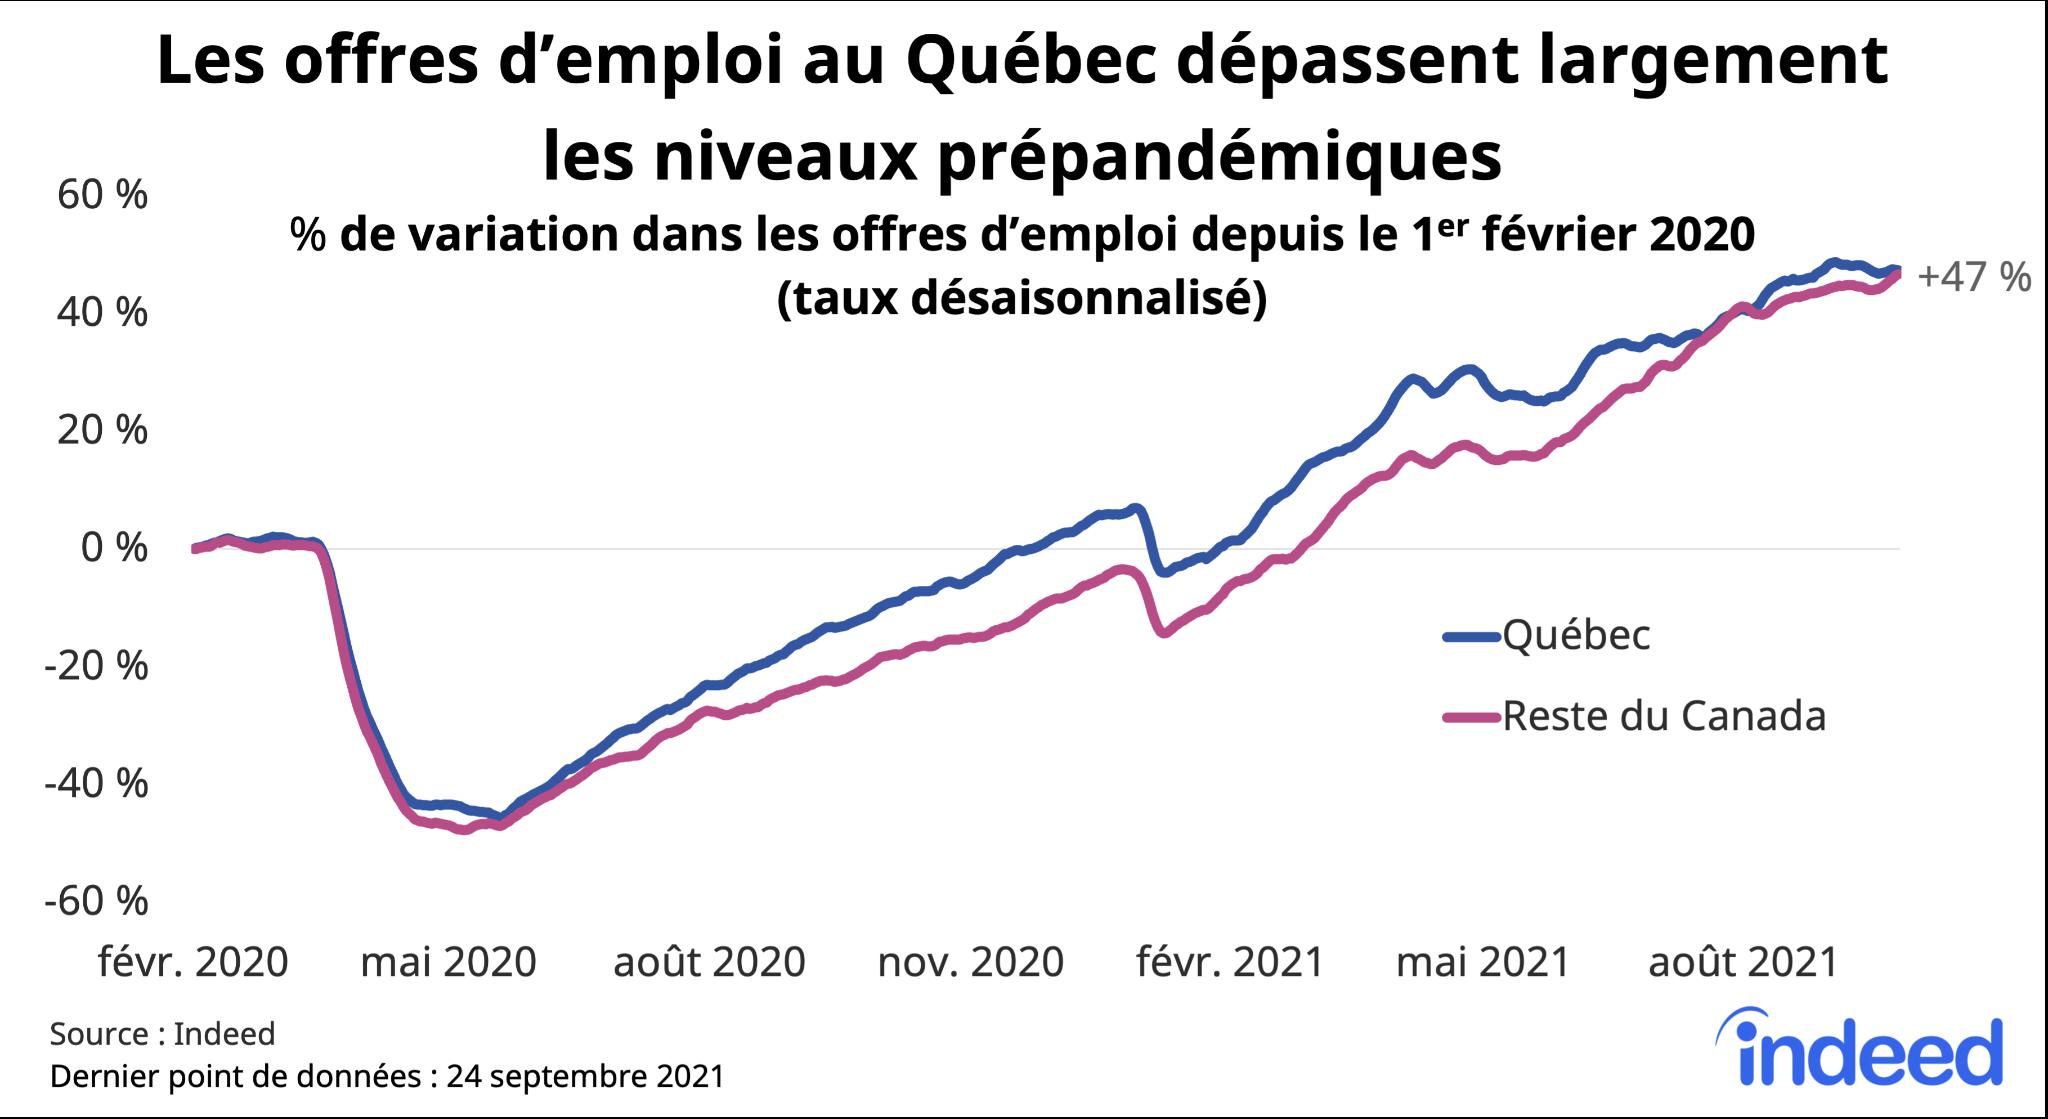 Graphique linéaire intitulé «Offres d'emploi au Québec dépassant largement les niveaux prépandémiques».